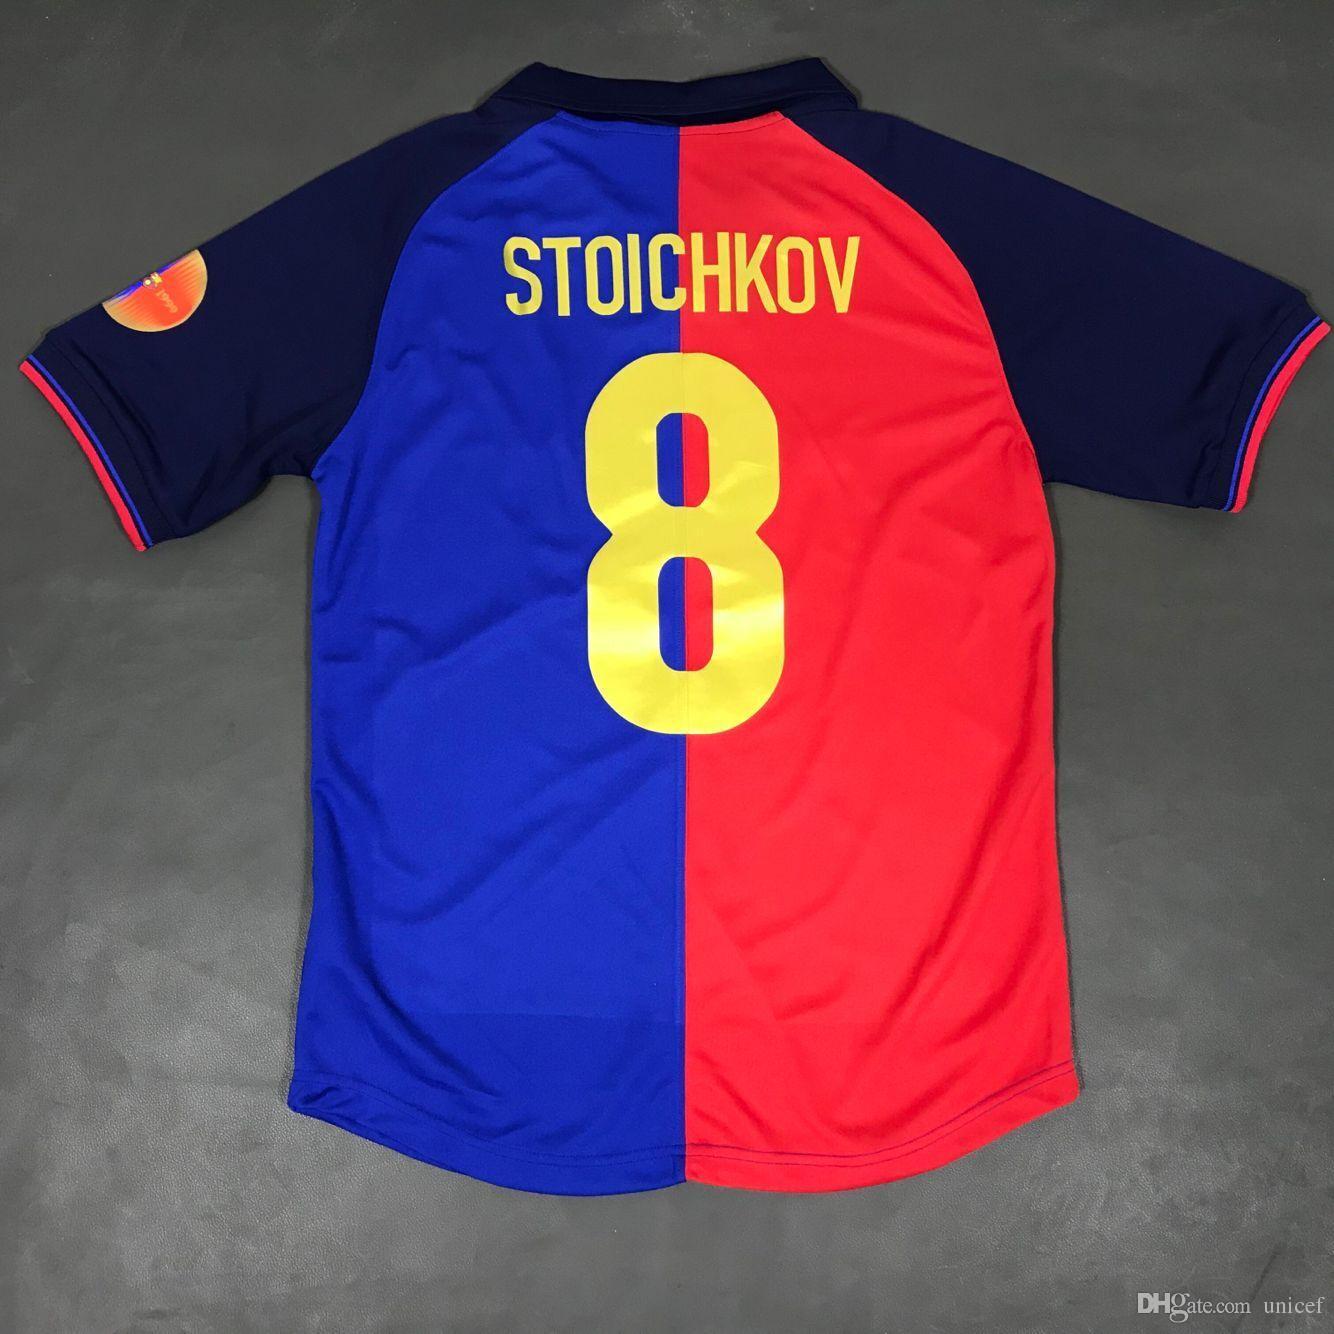 Compre Hristo Stoichkov Vermelho E Azul 1998 1999 Retro Camisas De Futebol  100 Anos Edição De Aniversário Camisas De Futebol Camiseta De Fútbol  Maillot ... 26d0e083c6af9